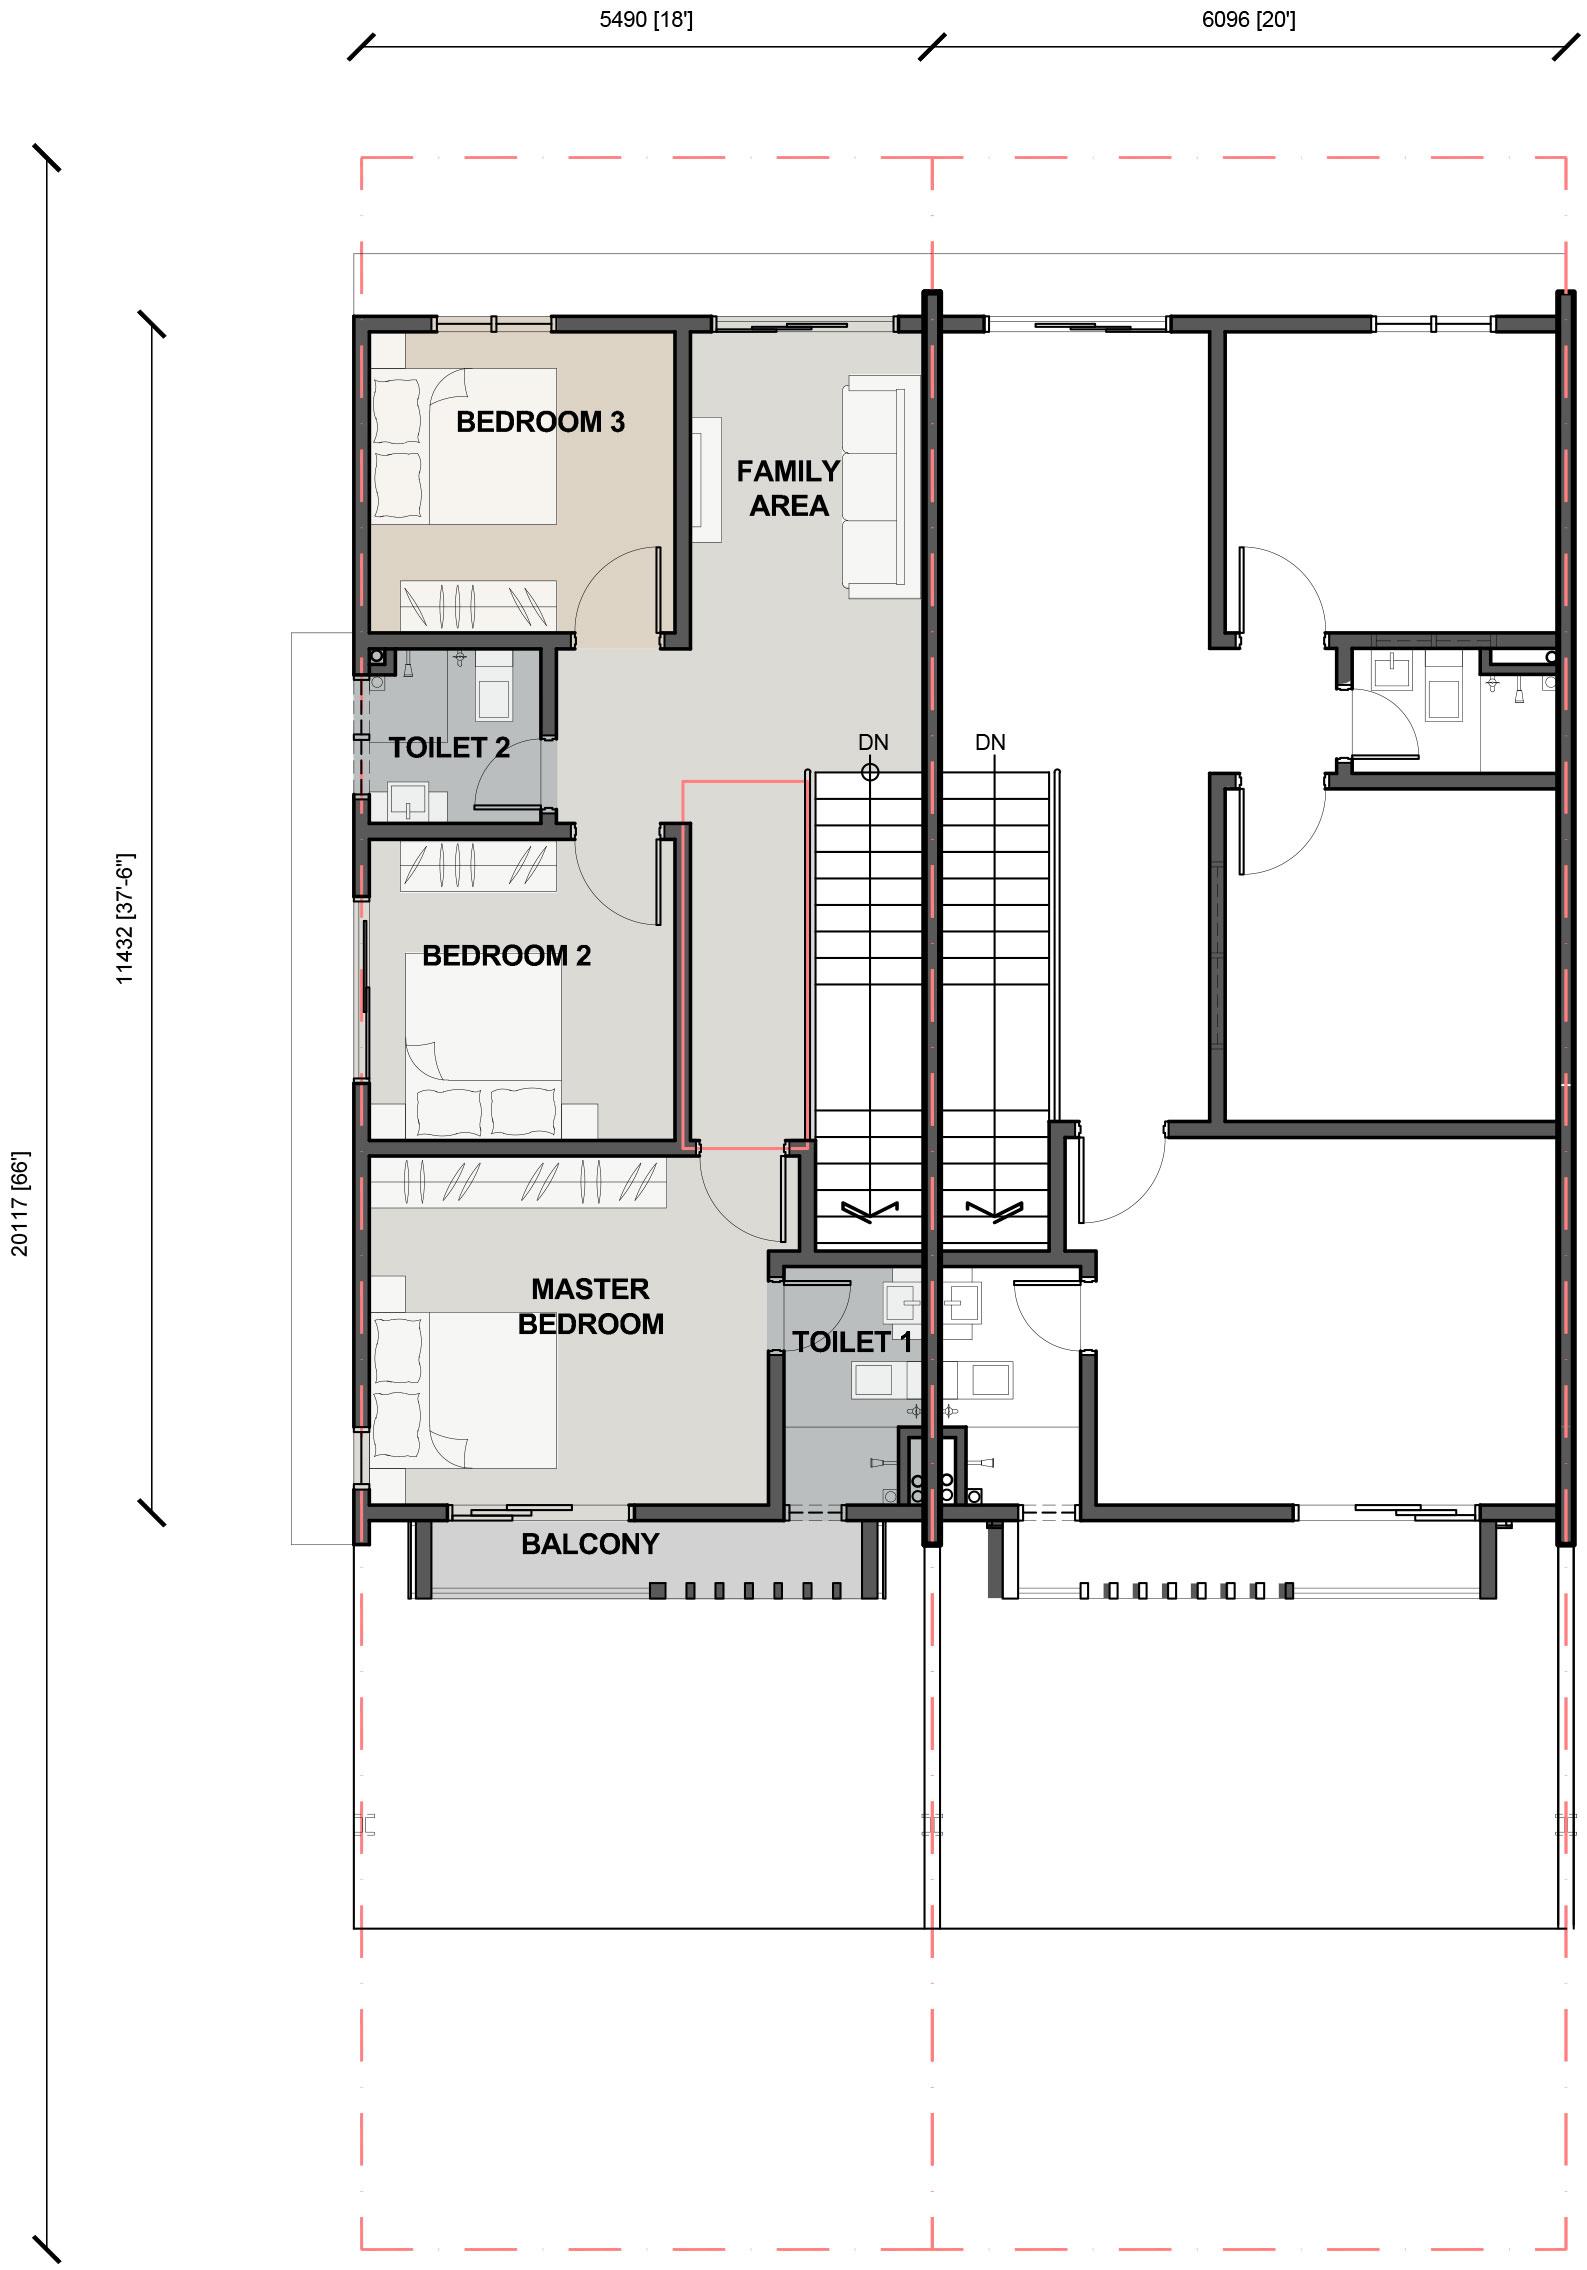 Double Storey Terrace - First Floor